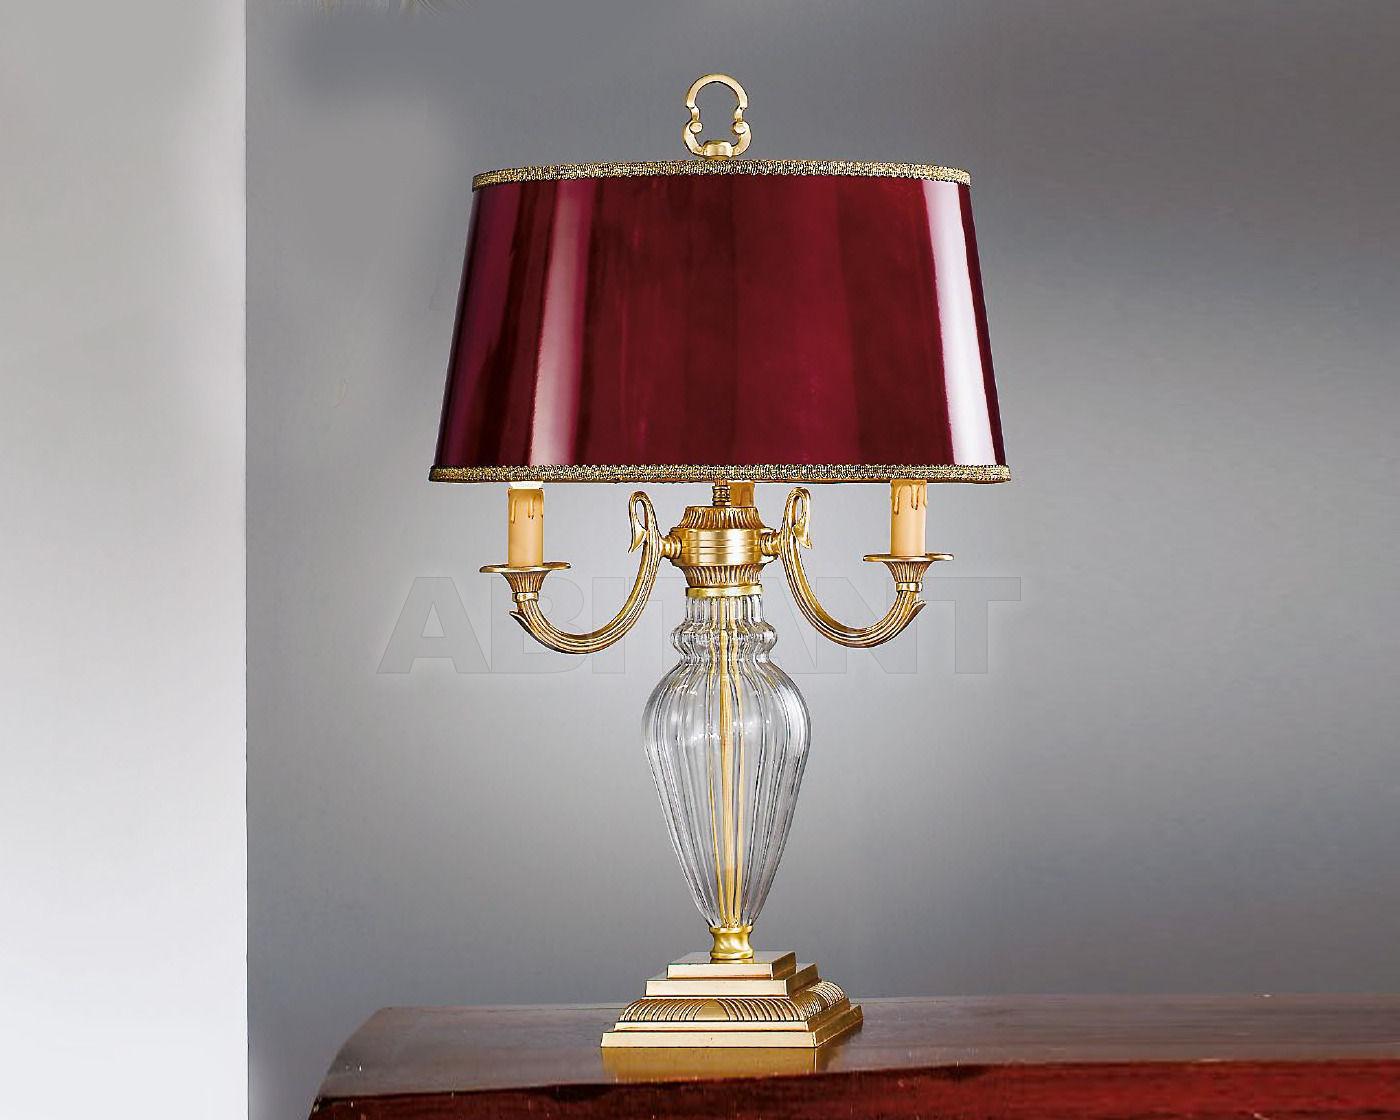 Купить Лампа настольная Nervilamp Snc Nervilamp 2013 530/3C